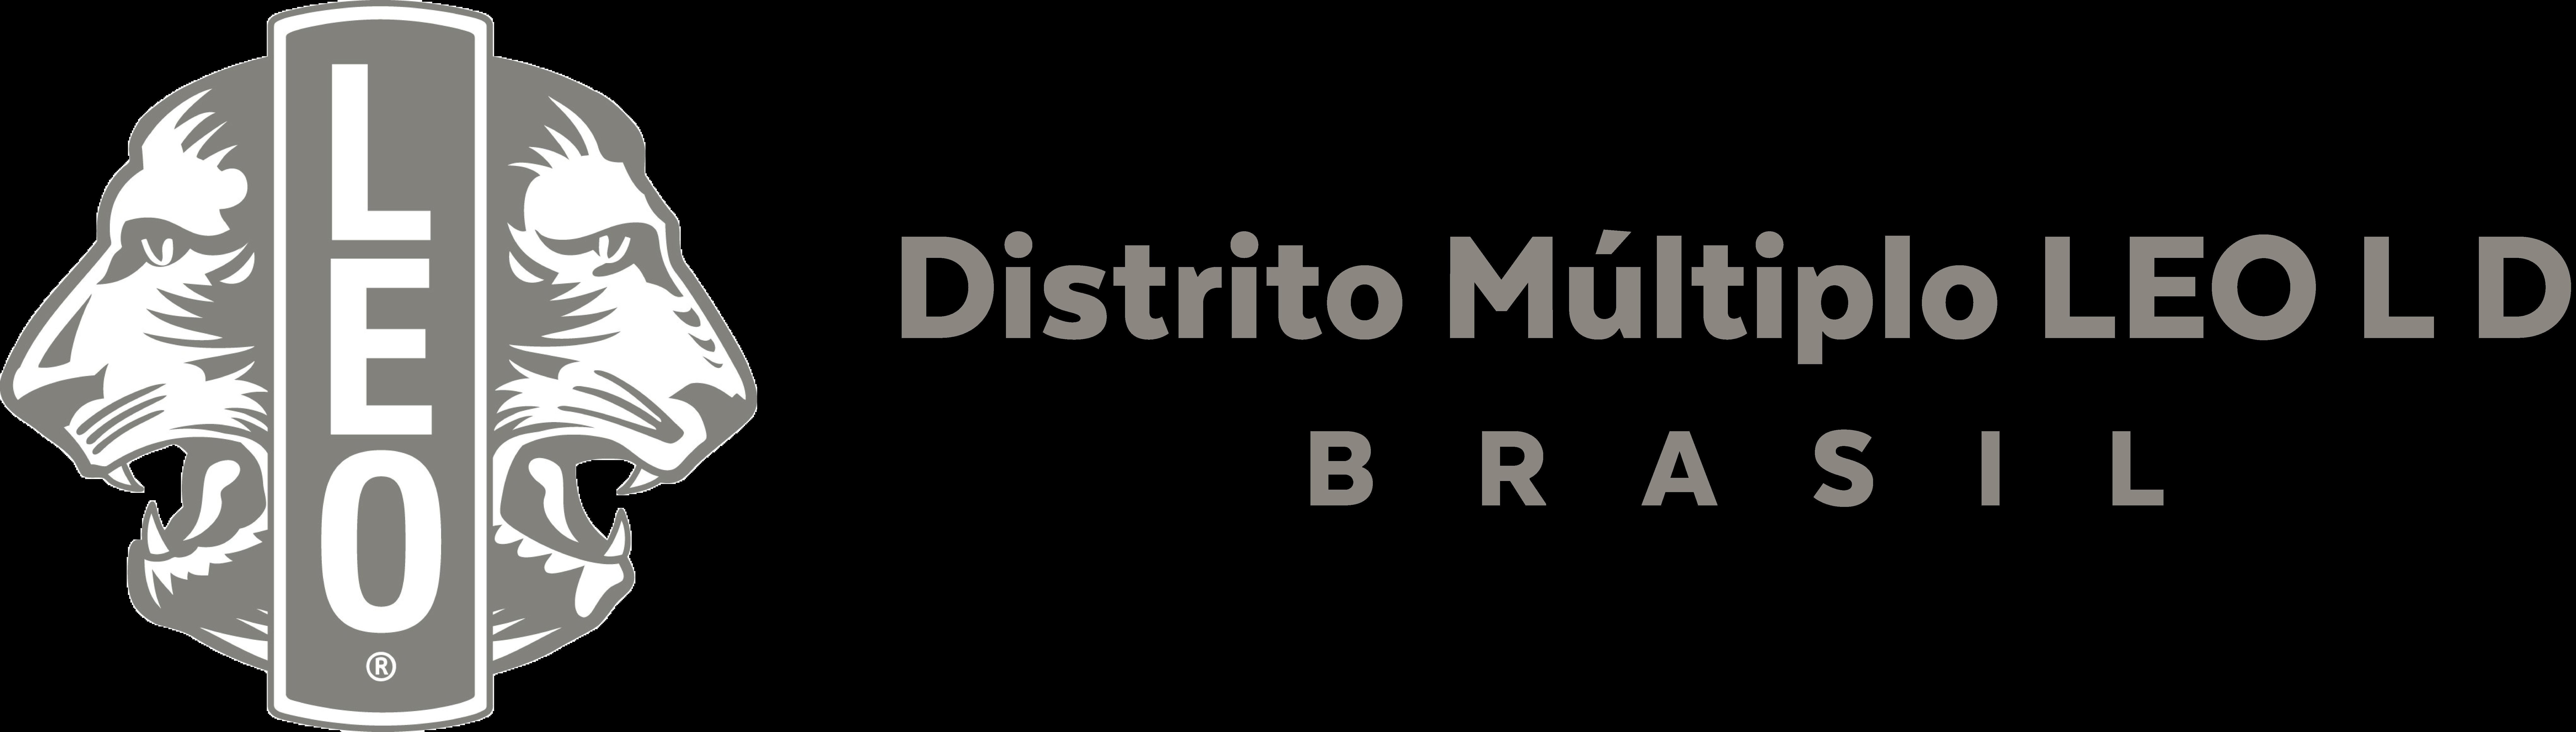 Distrito Múltiplo LEO L D